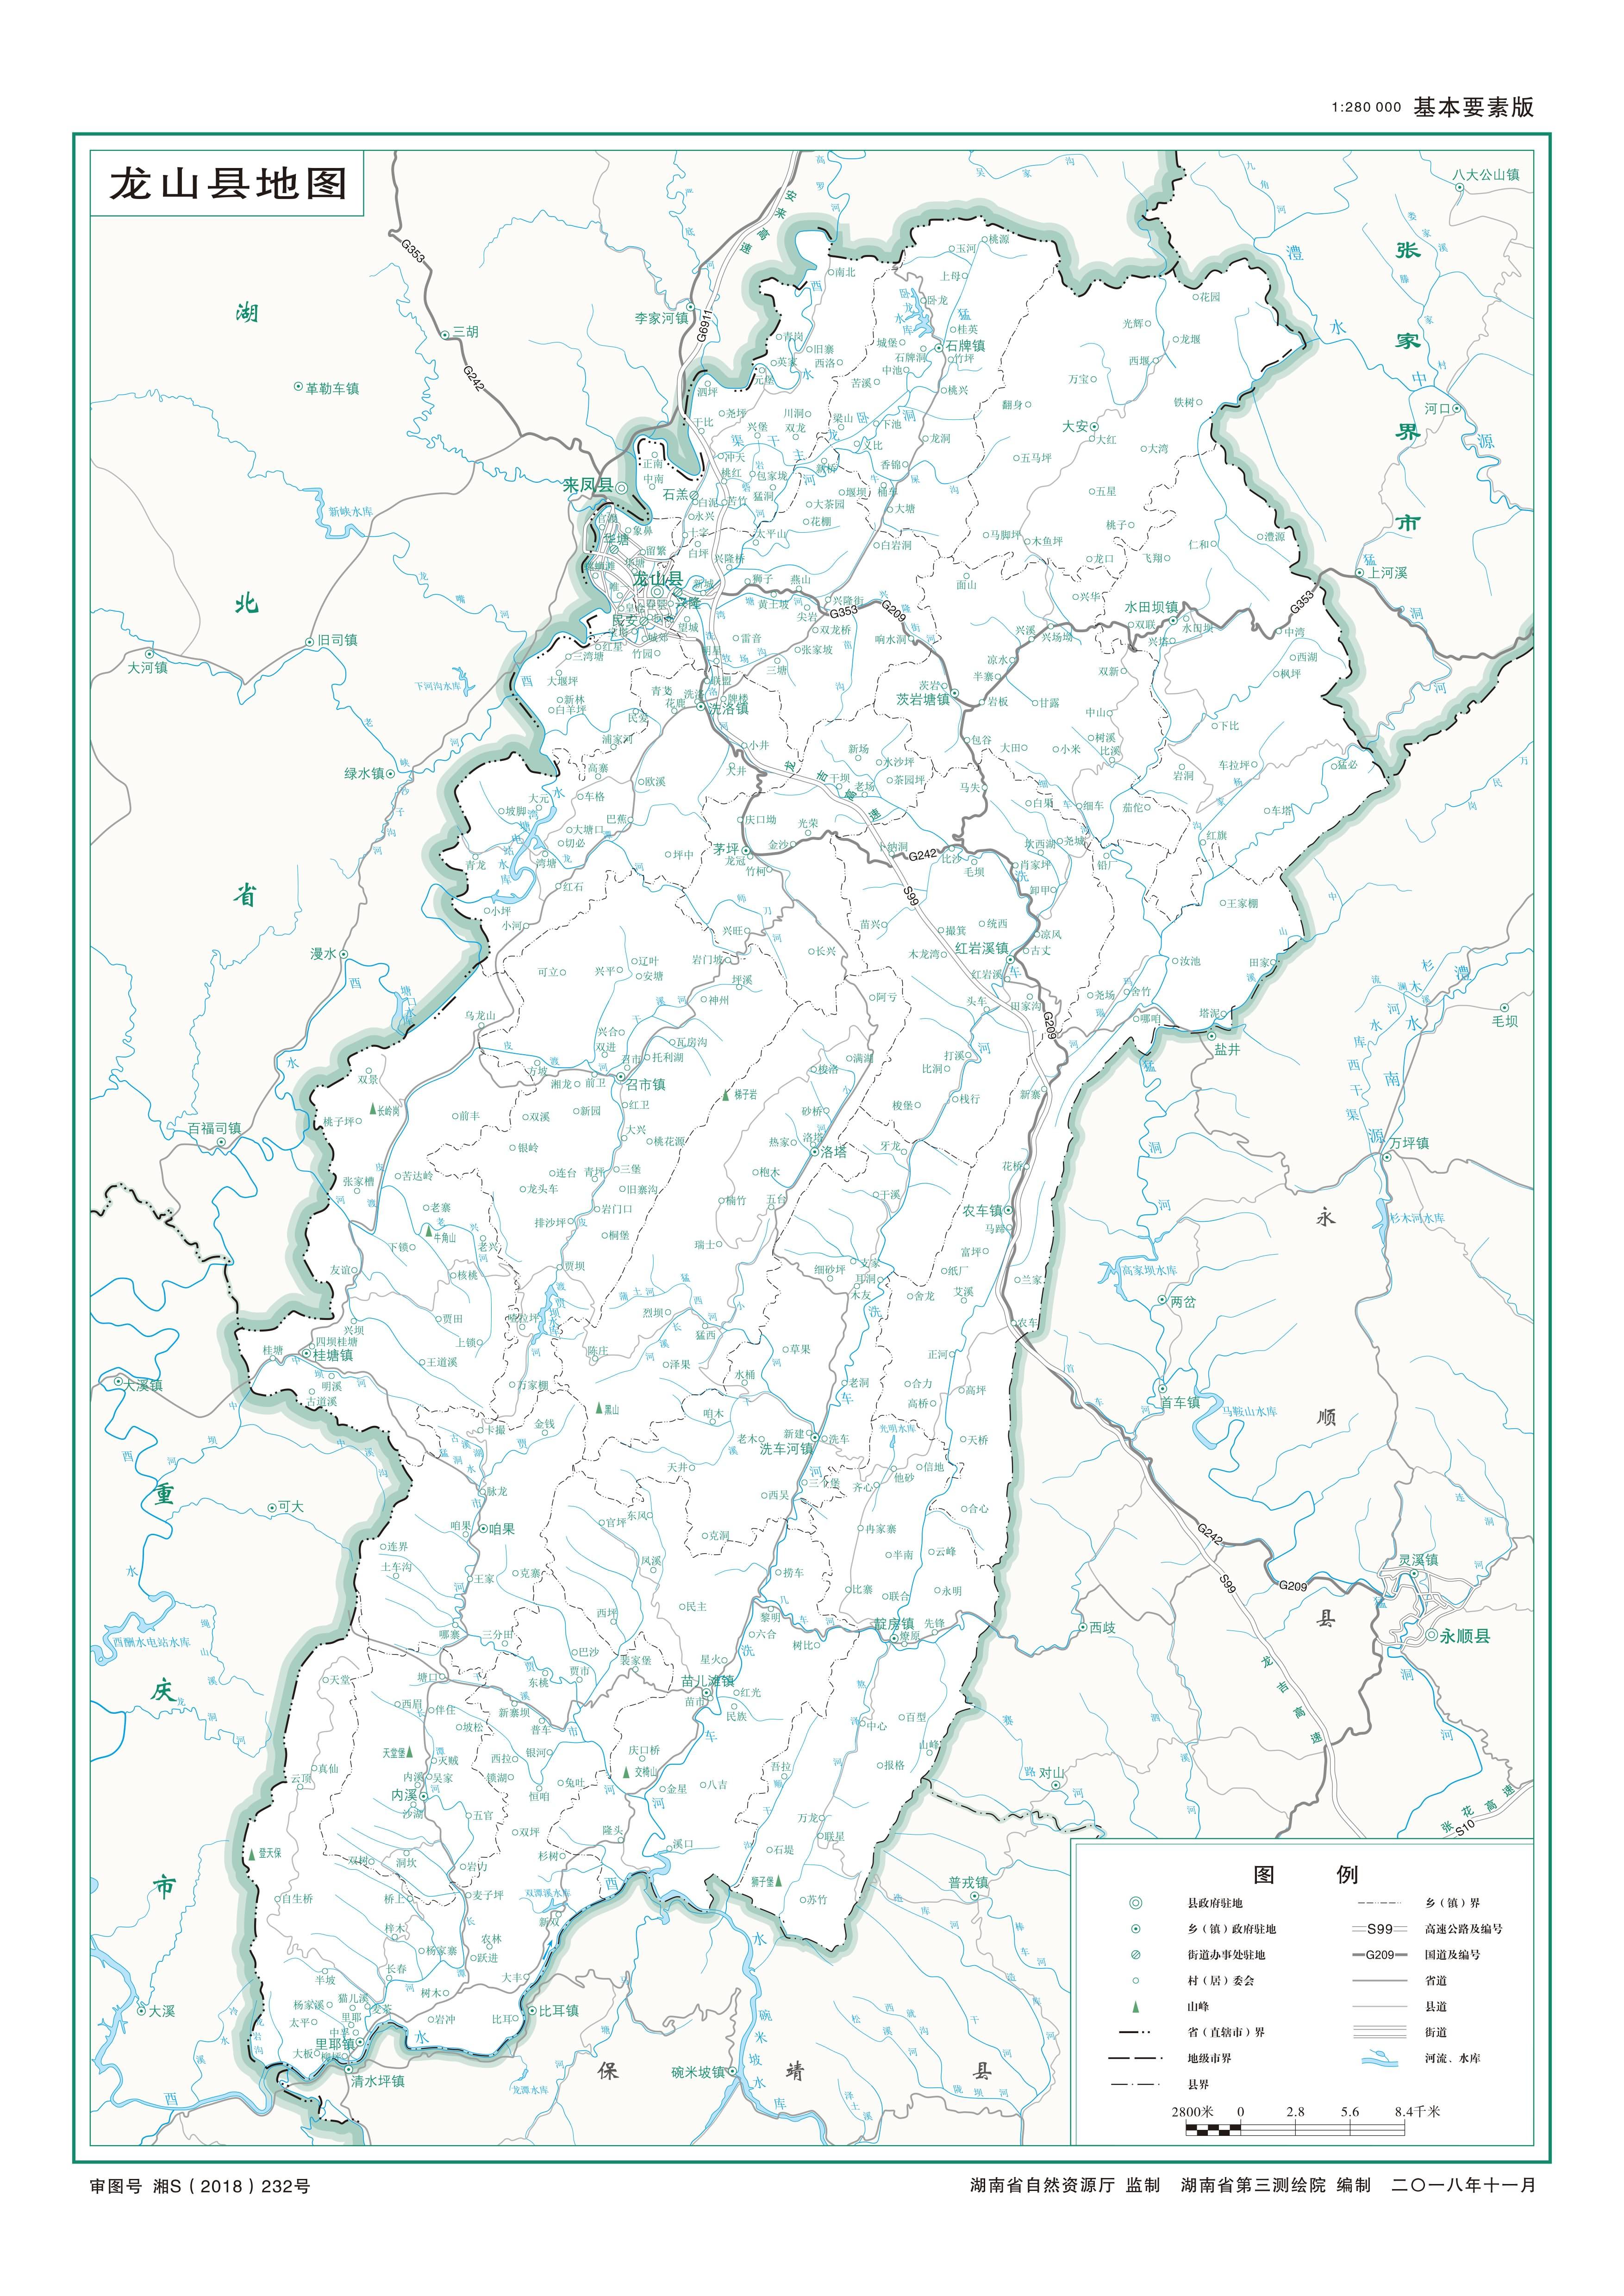 ...西土家族苗族自治州龙山县民安街道卫星地图-查字典卫星地图网